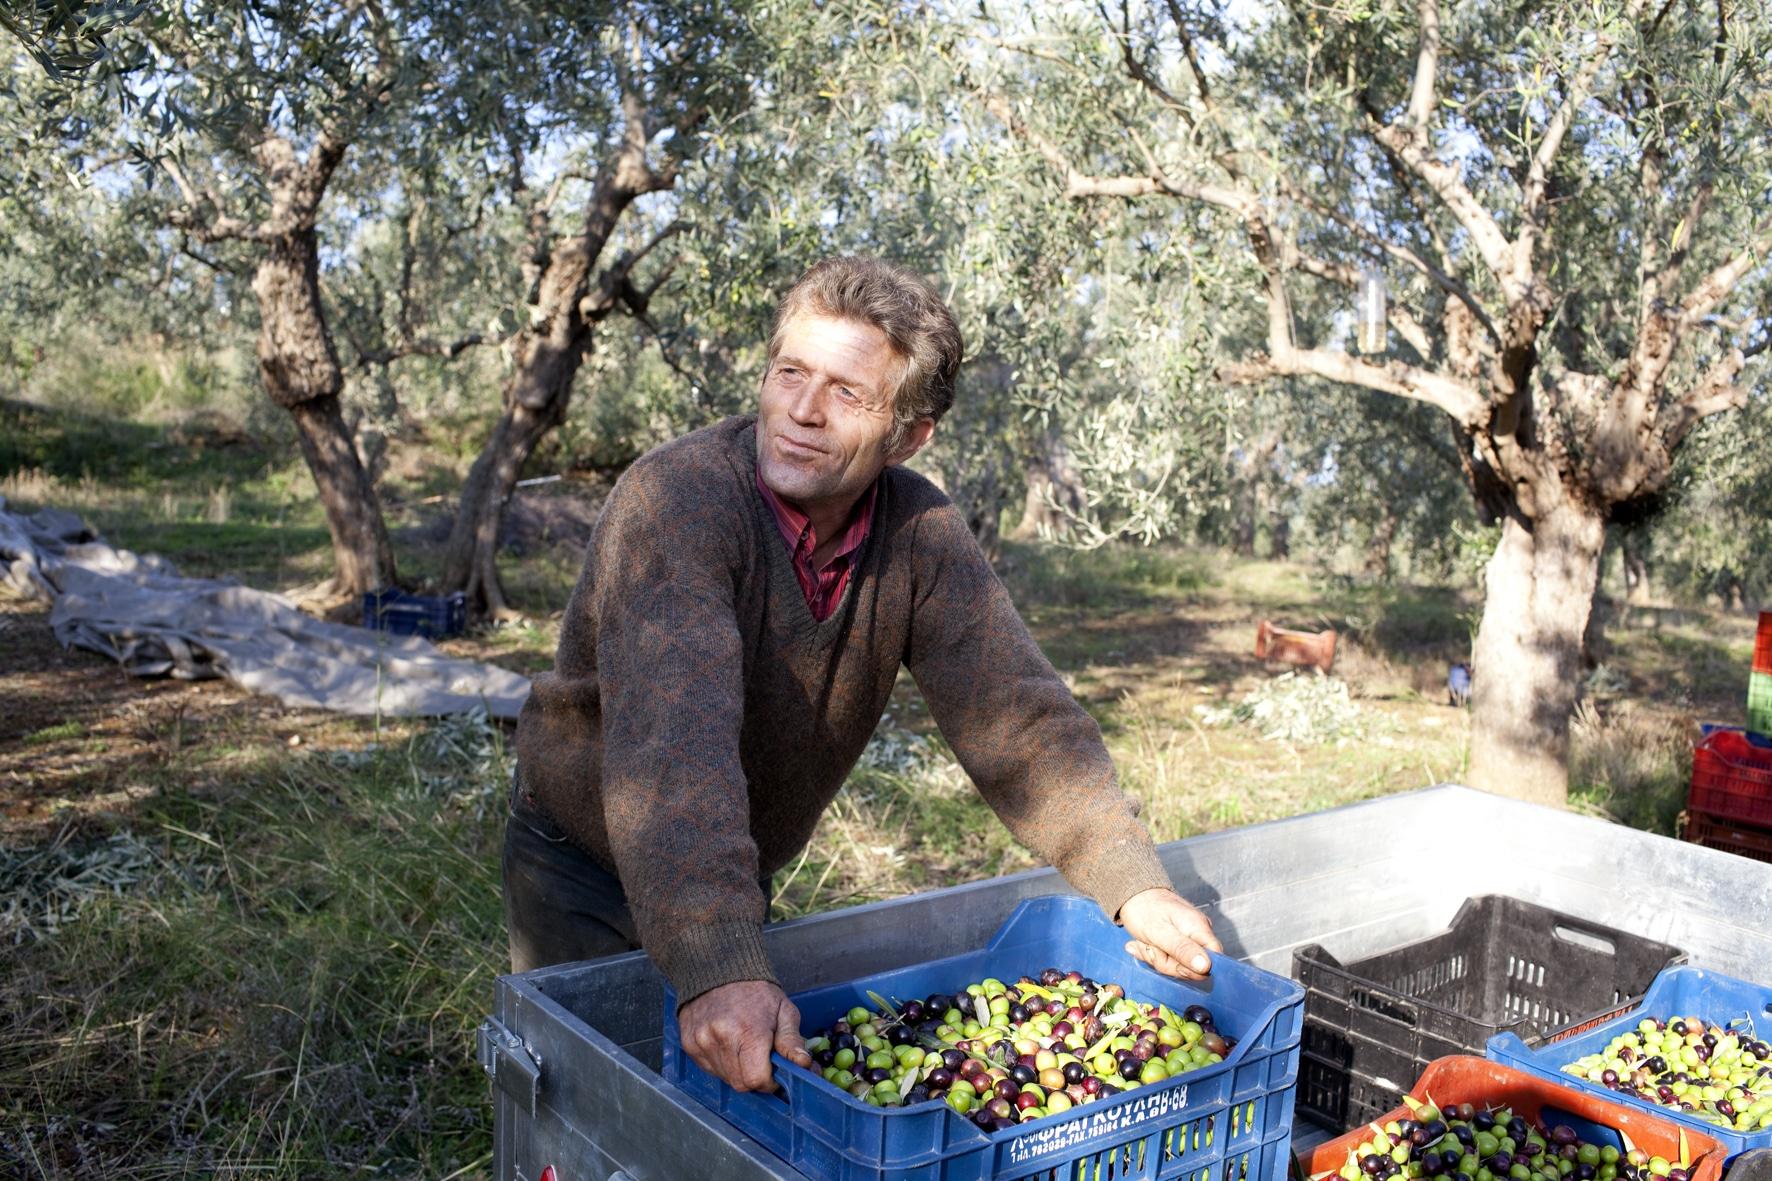 Olivenbauer bei der Ernte